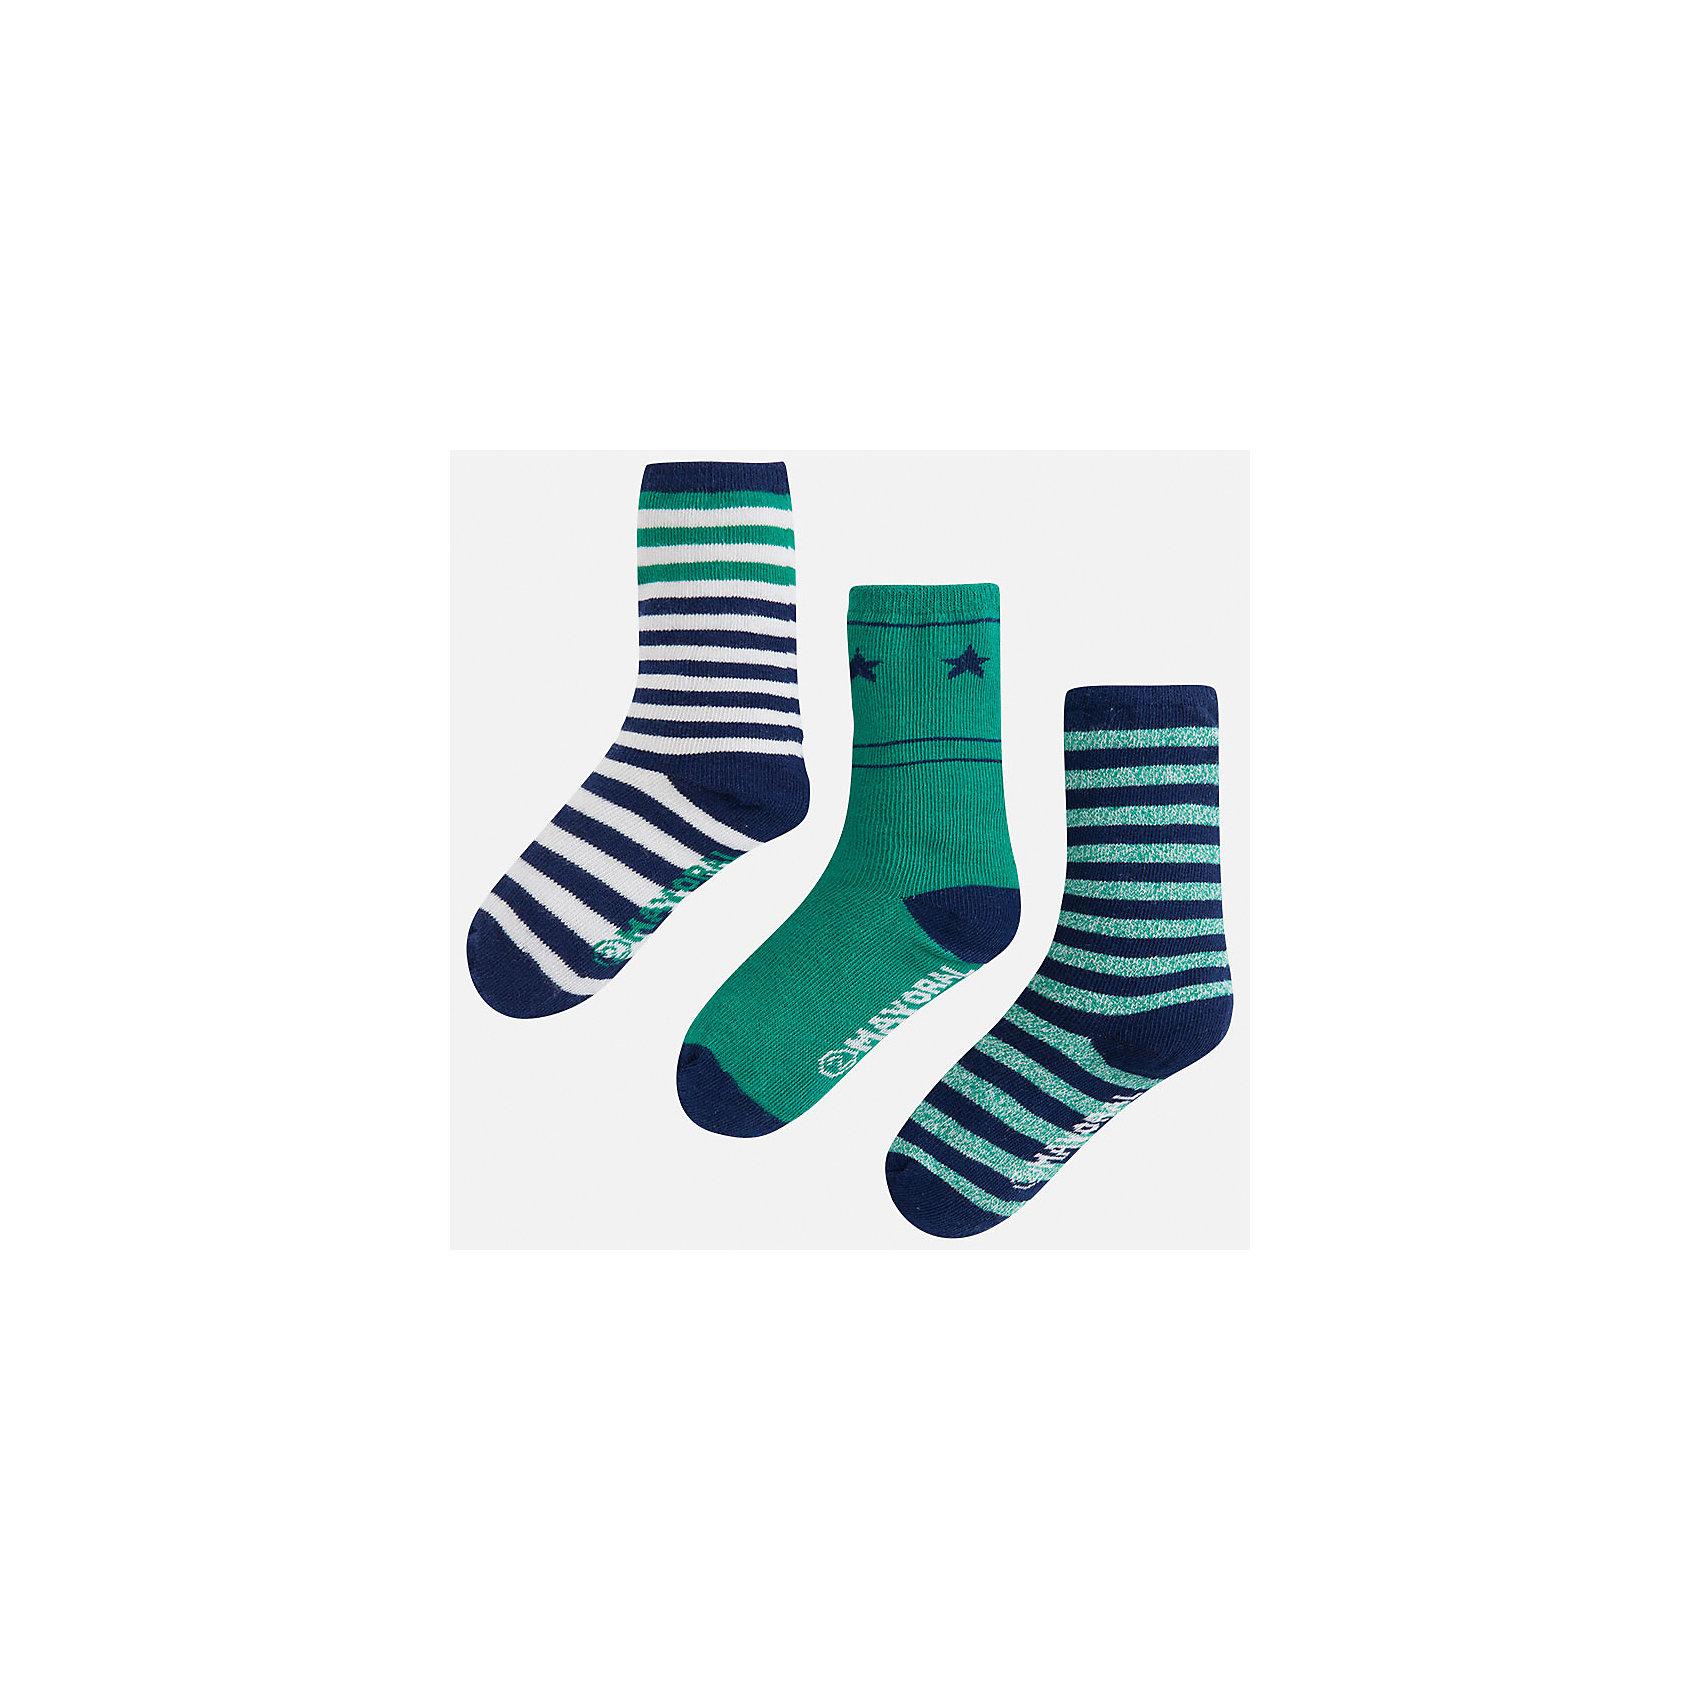 Комплект: 3 пары носков для мальчика MayoralНоски<br>Комплект из 3 пар носков для мальчика от известного испанского бренда Mayoral. Носки выполнены из качественных дышащих материалов. Каждая пара имеет отдельную расцветку. Классические носки в полоску идеально подойдут к гардеробу вашего ребенка.<br>Дополнительная информация:<br>-цвет: зеленый с белыми и темно-синими полосками<br>-состав: 72% хлопок, 25% полиамид, 3% эластан<br>Комплект носков Mayoral вы можете приобрести в нашем интернет-магазине<br><br>Ширина мм: 87<br>Глубина мм: 10<br>Высота мм: 105<br>Вес г: 115<br>Цвет: зеленый<br>Возраст от месяцев: 60<br>Возраст до месяцев: 72<br>Пол: Мужской<br>Возраст: Детский<br>Размер: 6,4,8<br>SKU: 4820133